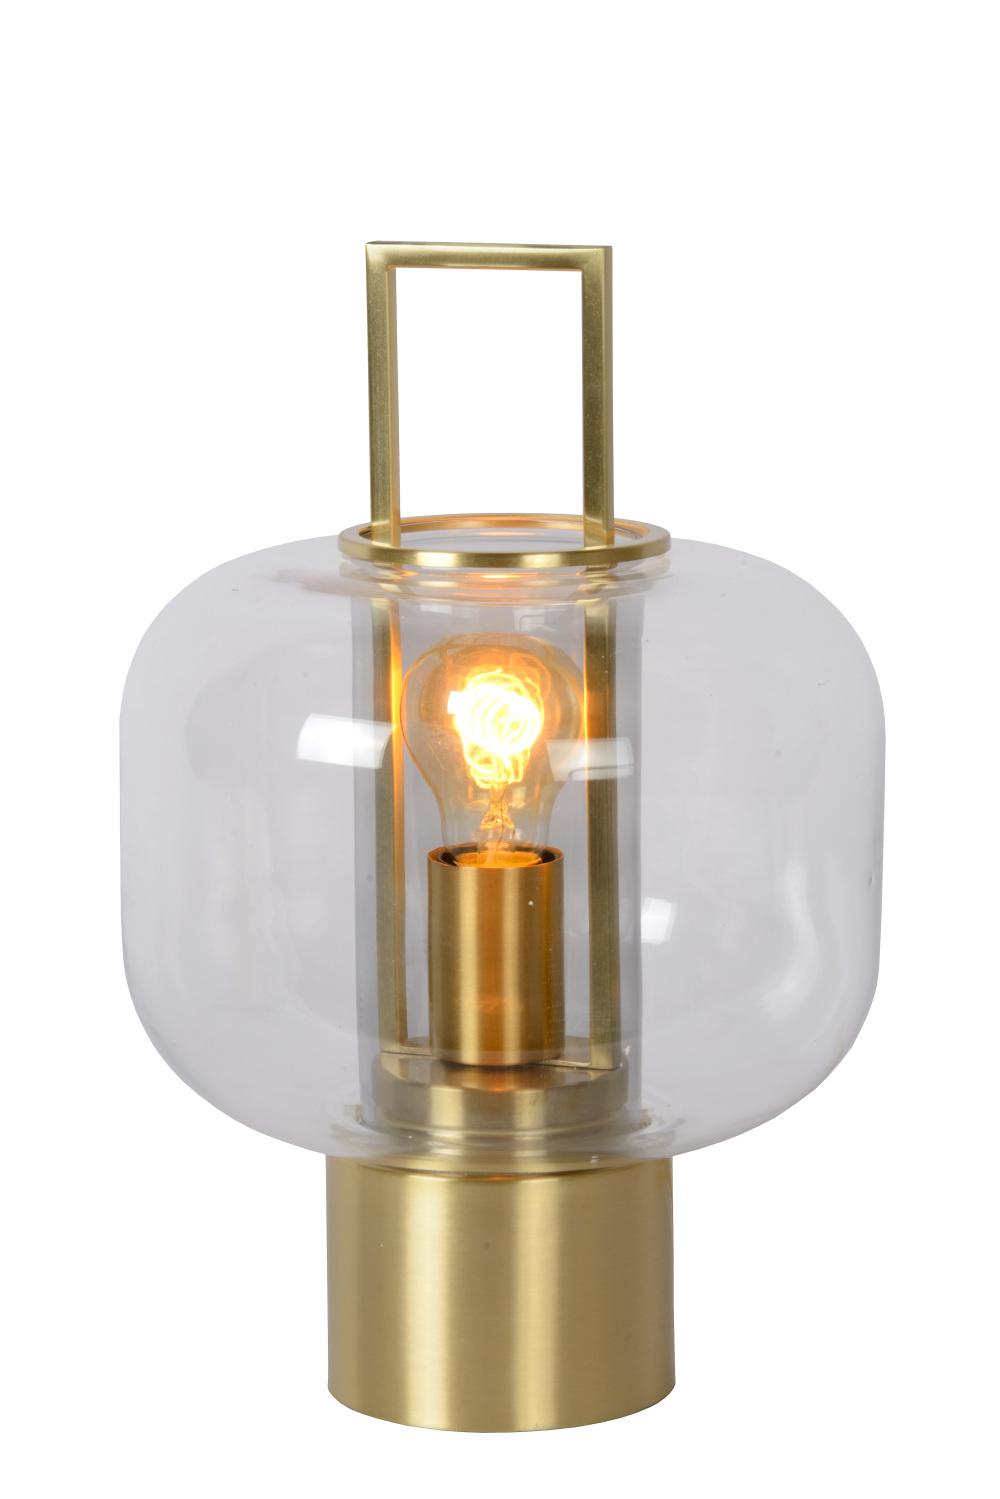 Lucide SOFIA Tafellamp-Mat Go.-Ø24-1xE27-40W-3 StepDim